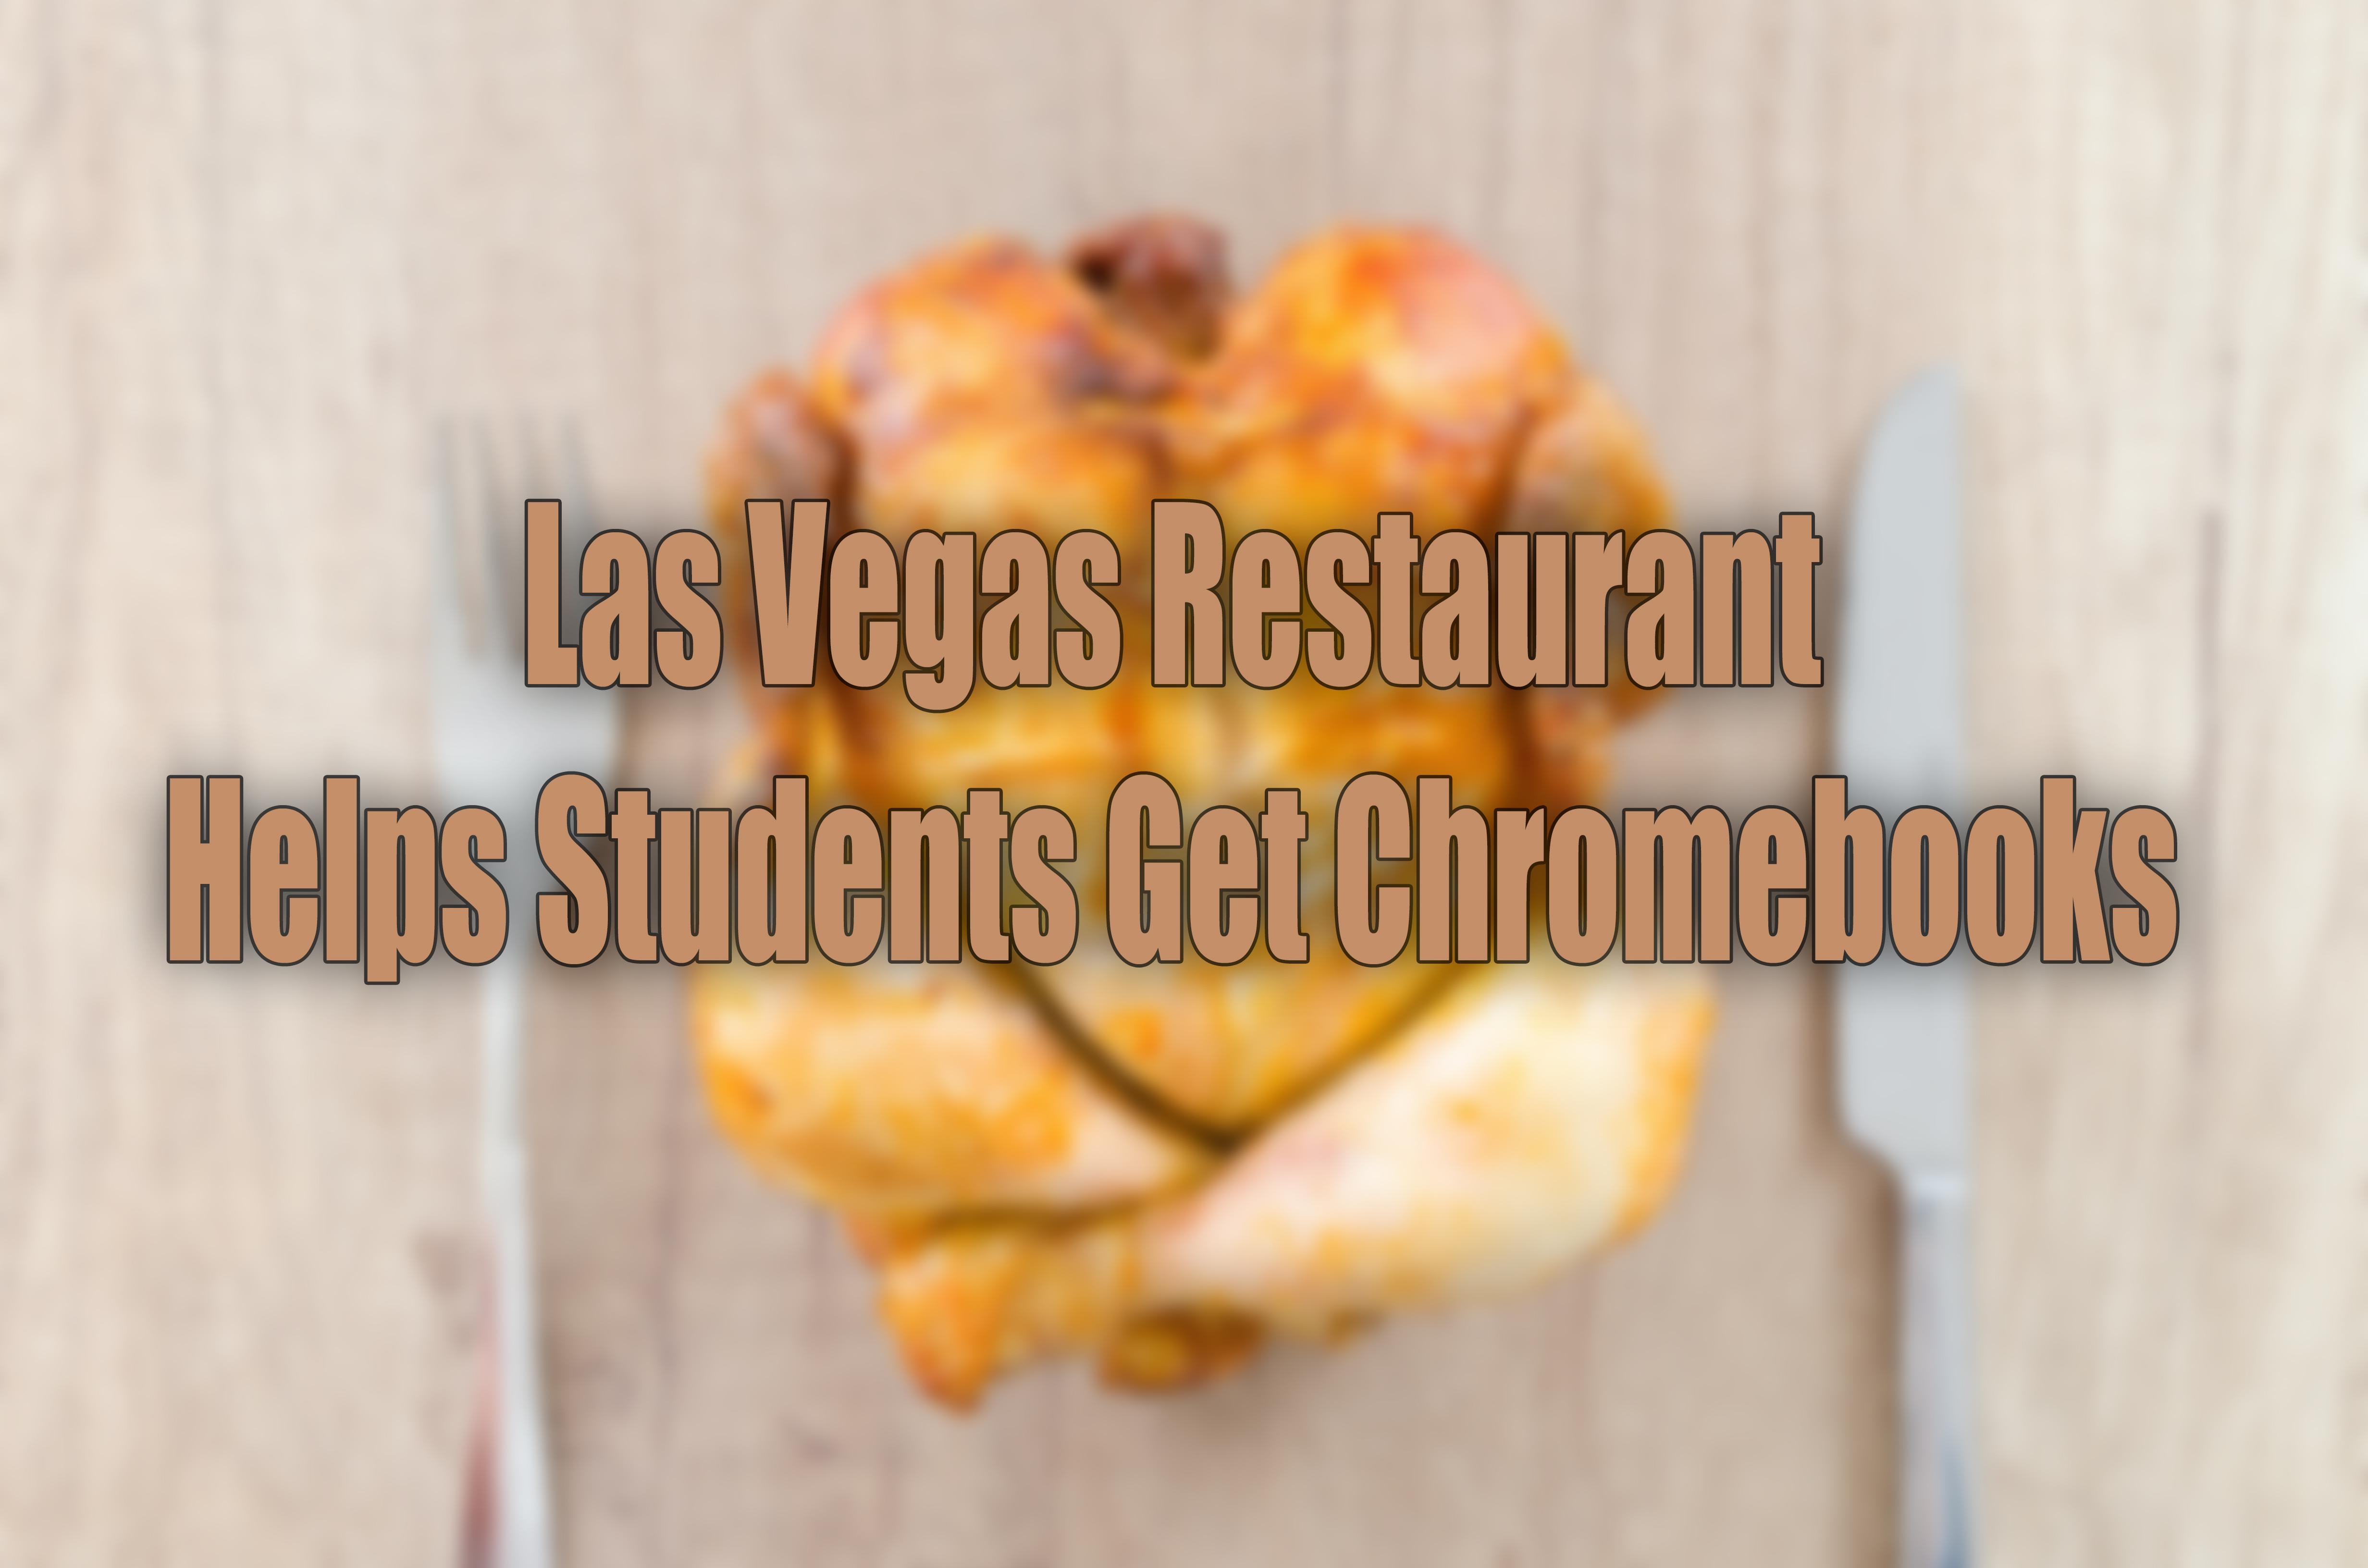 Students Get Chromebooks from Restaurant in Las Vegas.jpg